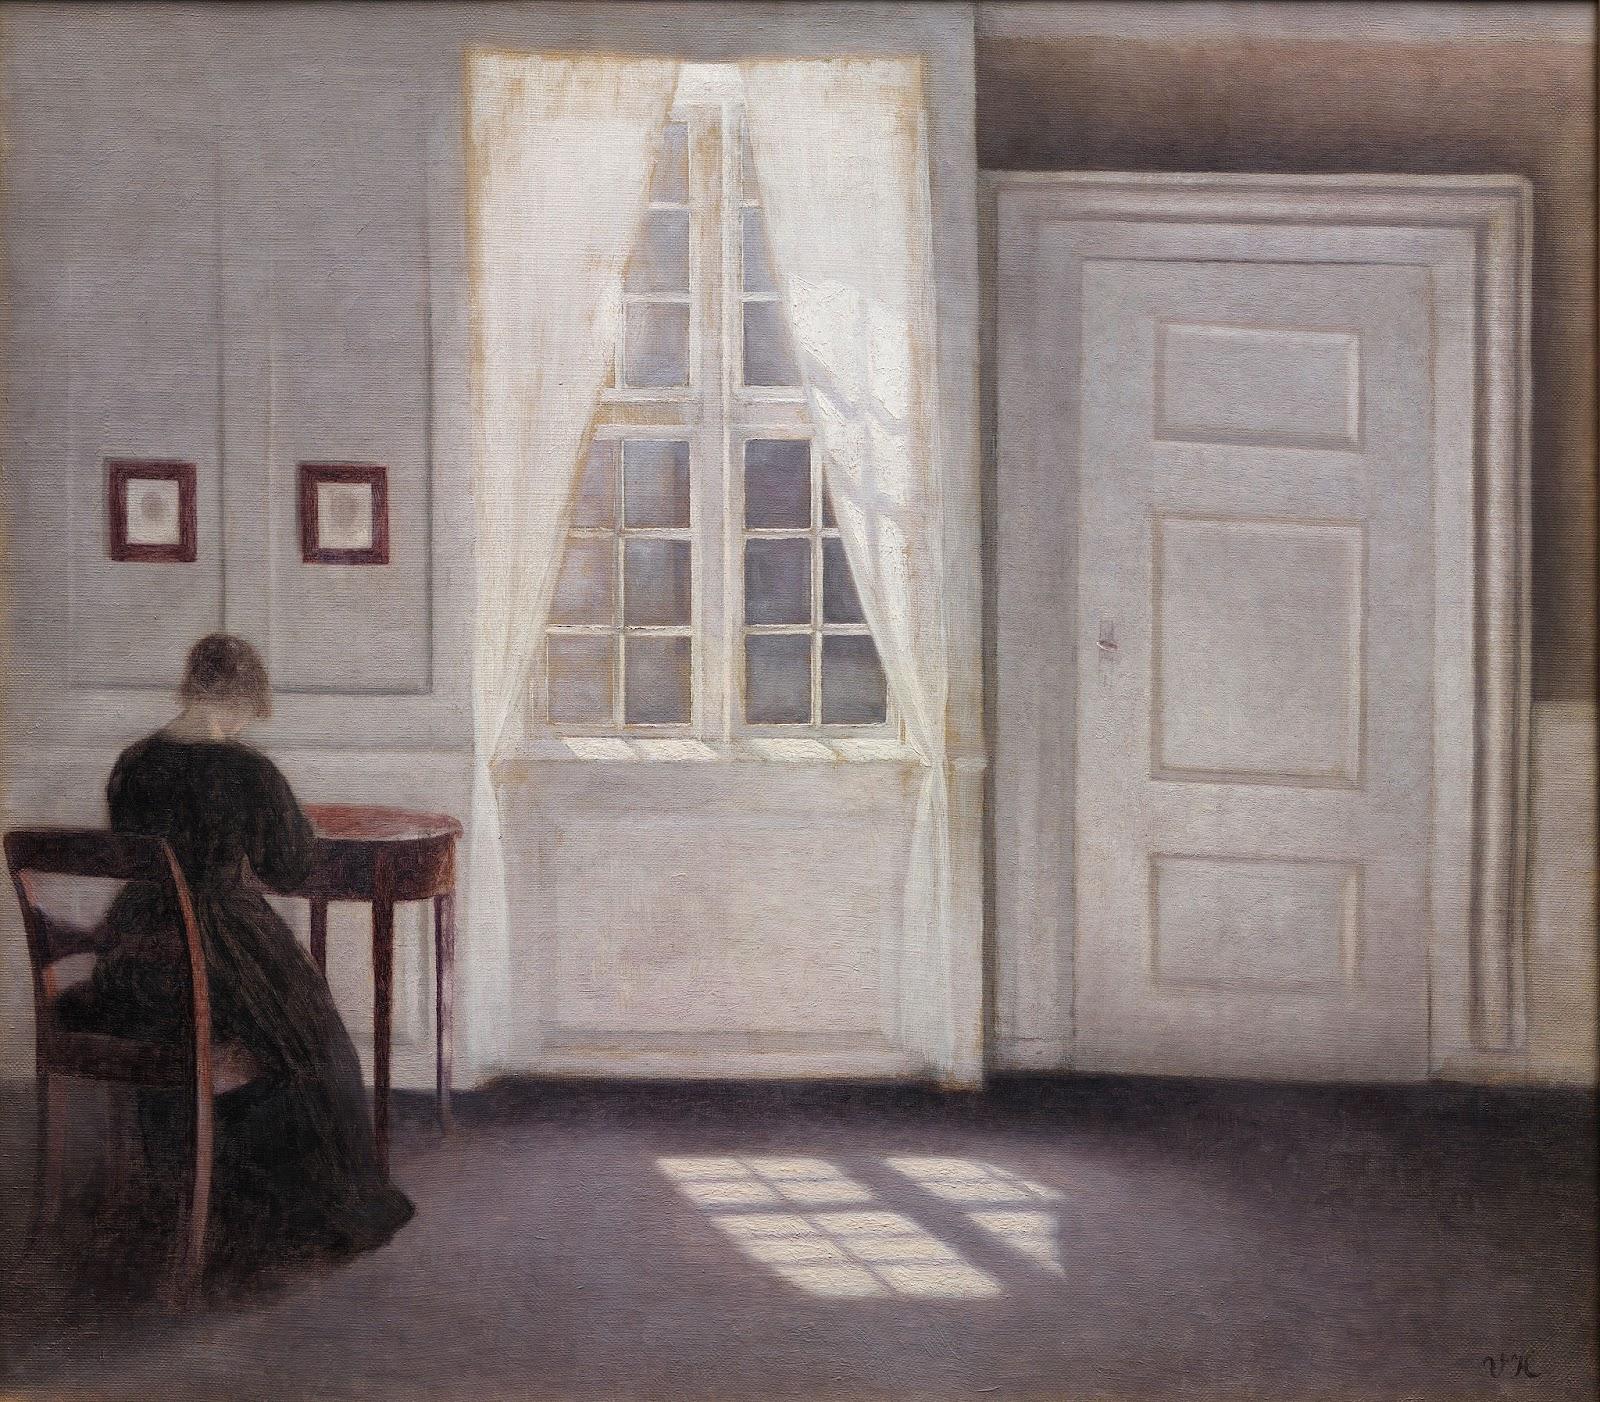 ヴィルヘルム・ハンマースホイのコペンハーゲンのストランゲーデの妻のいる画家の家の一室